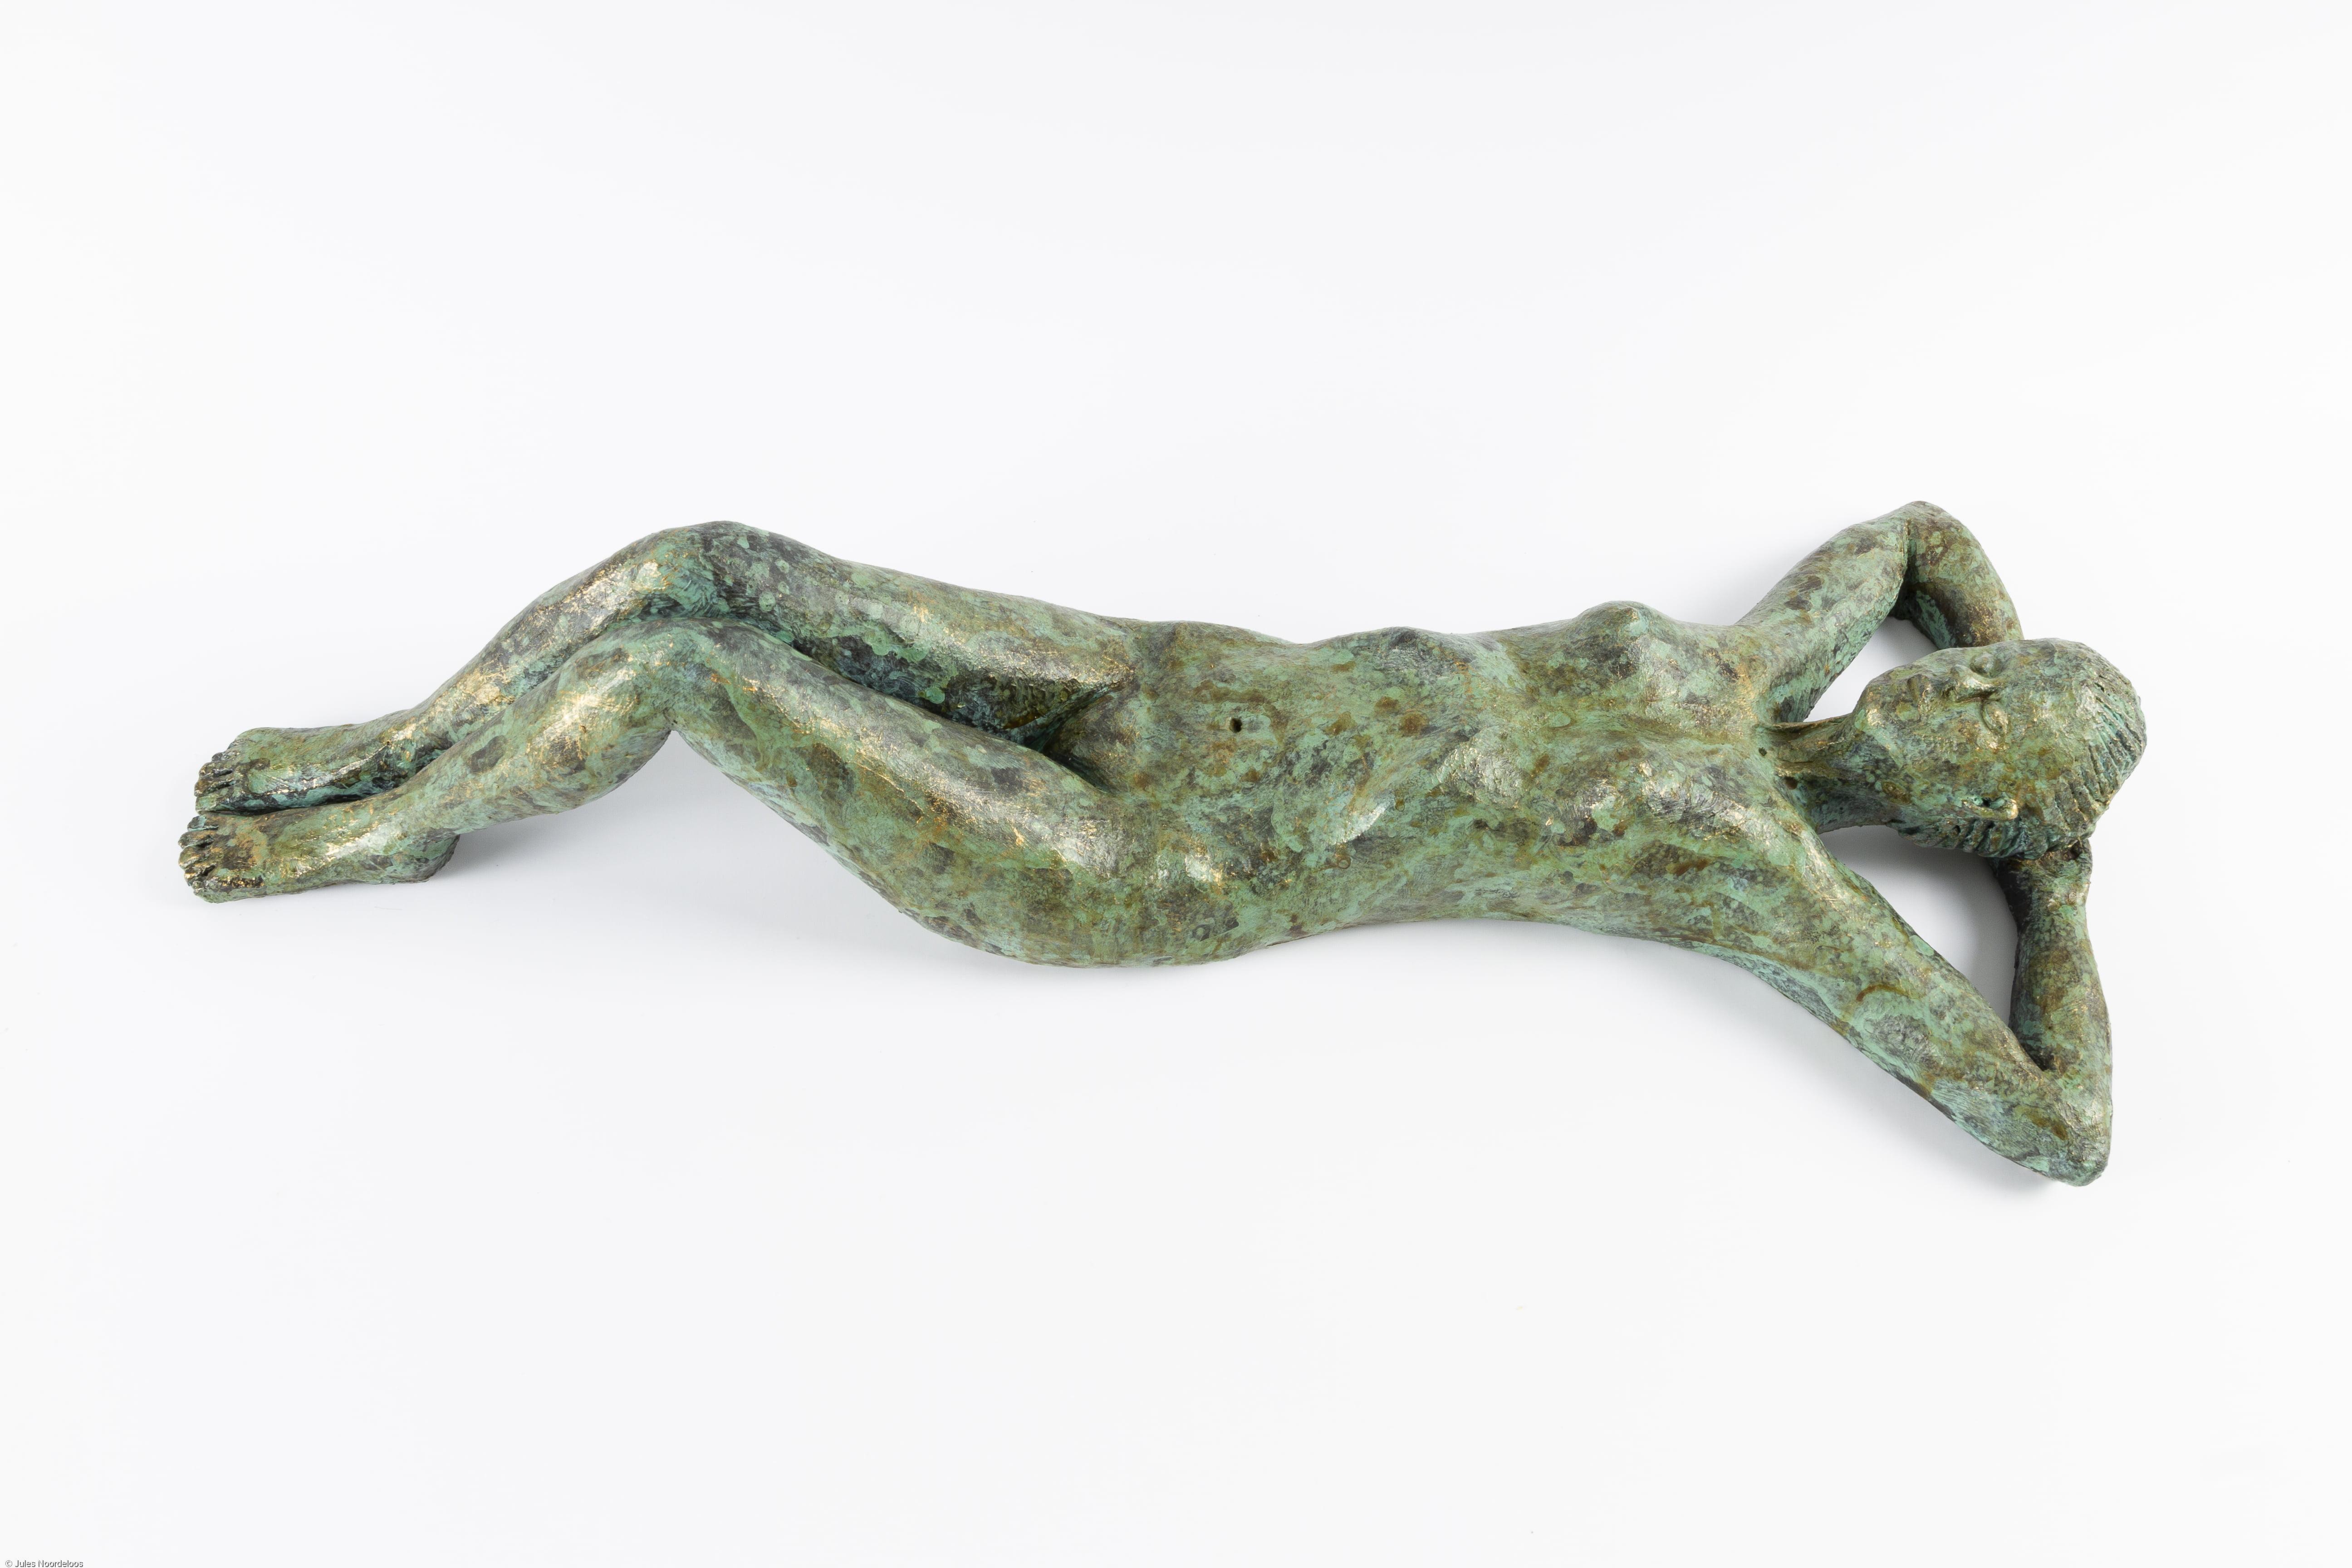 vrouwelijk_liggend_naakt_keramiek_keramisch_beeld_bronstinten_uniek_bijzonder